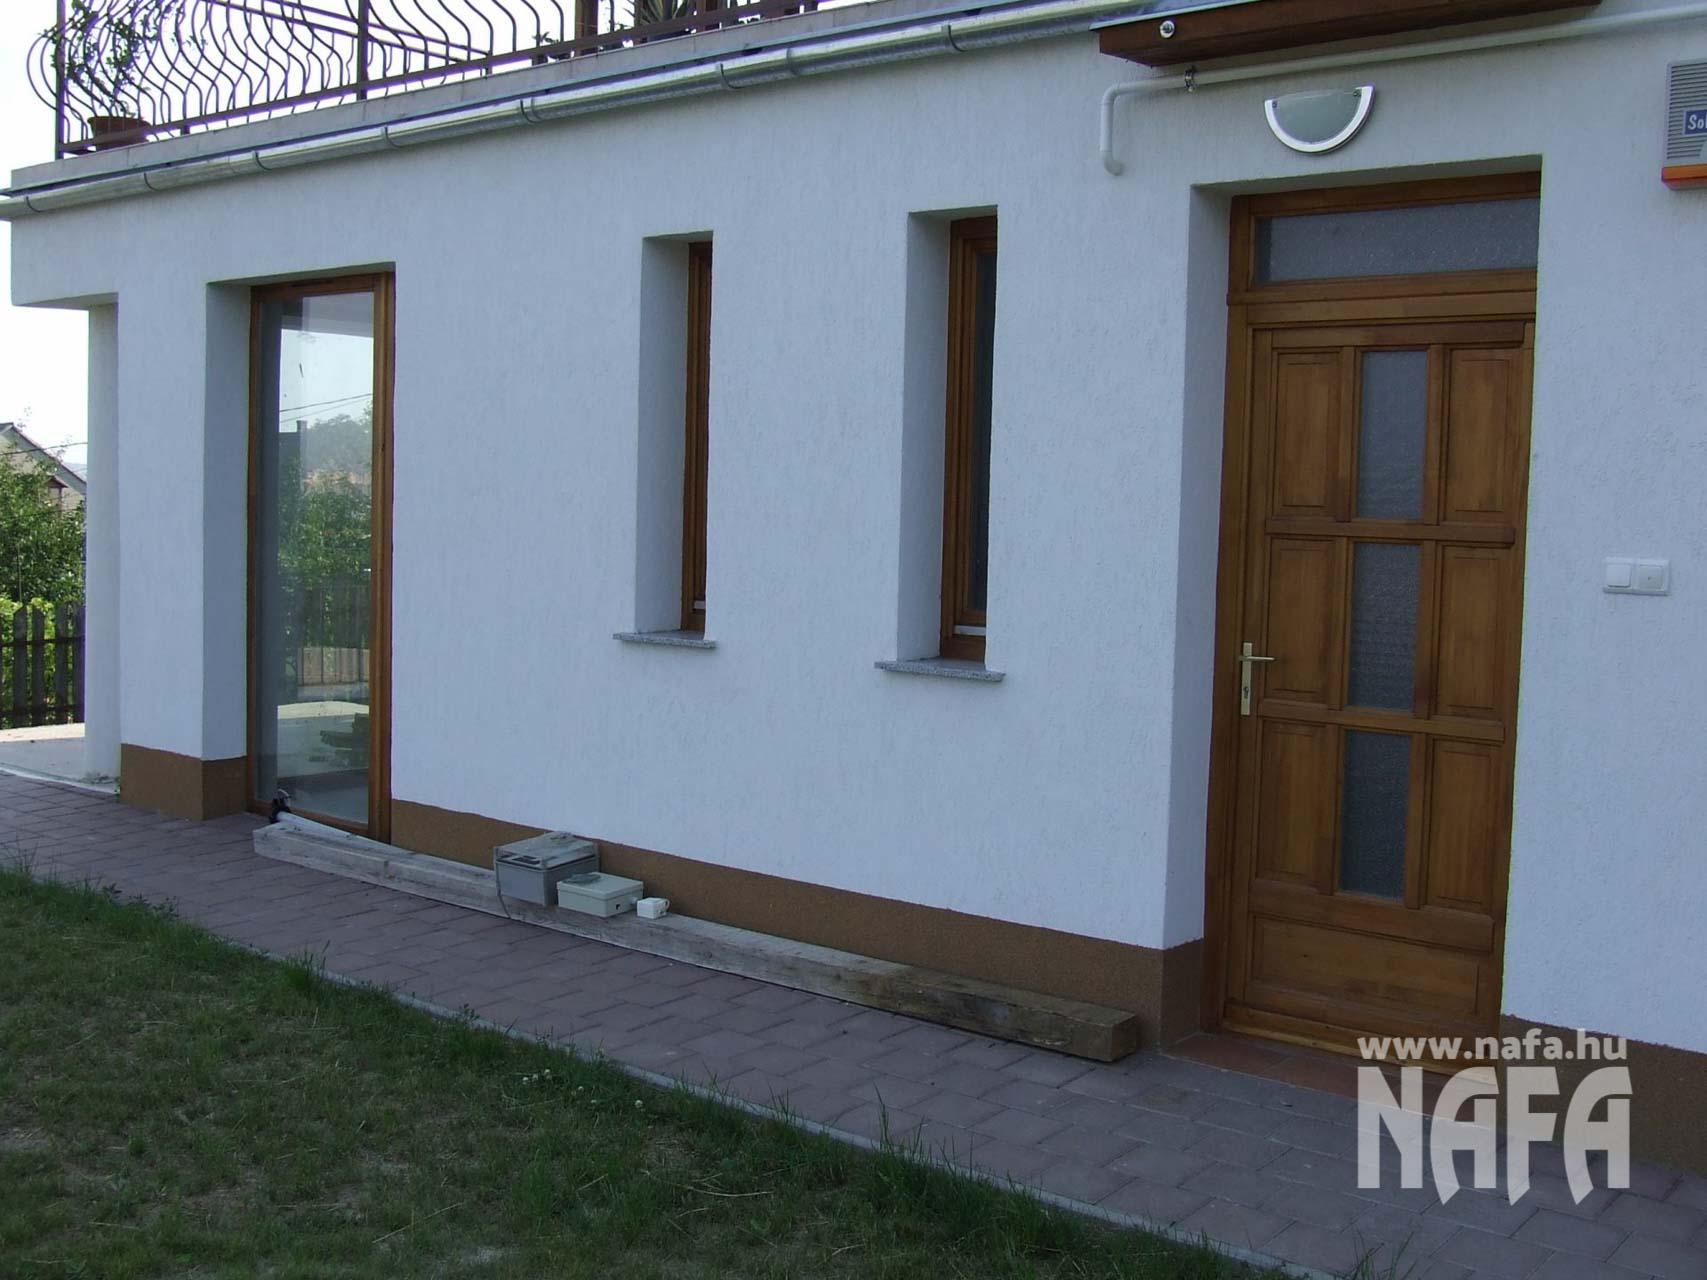 Fa nyílászárók, egyedi festett erkélyajtó és bejáratiajtó, Pécs Közintézmény